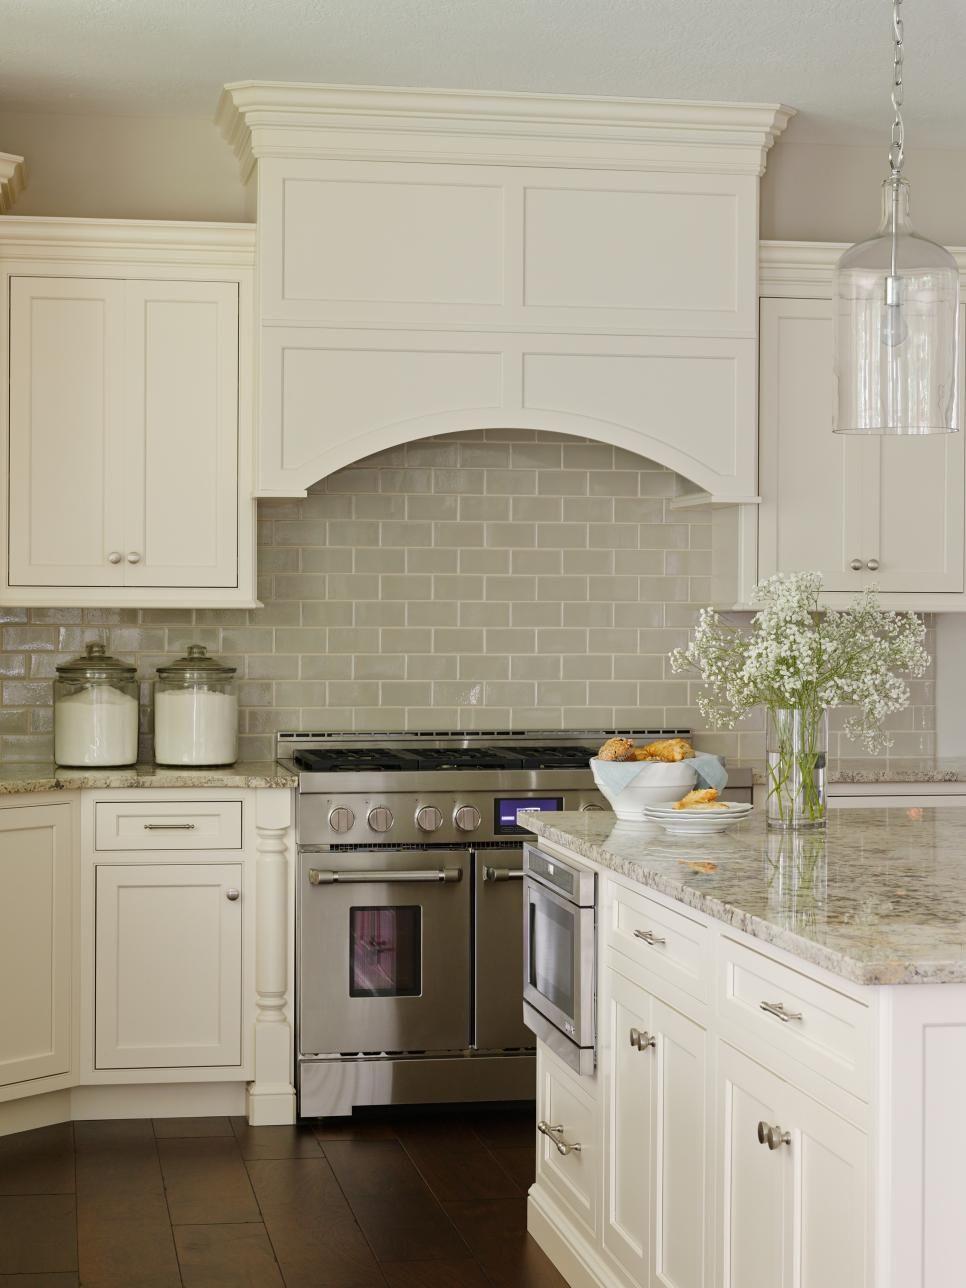 Best Kitchen Gallery: Creamy Dreamy Traditional Kitchen Traditional White Kitchens of White Traditional Kitchen Design on rachelxblog.com